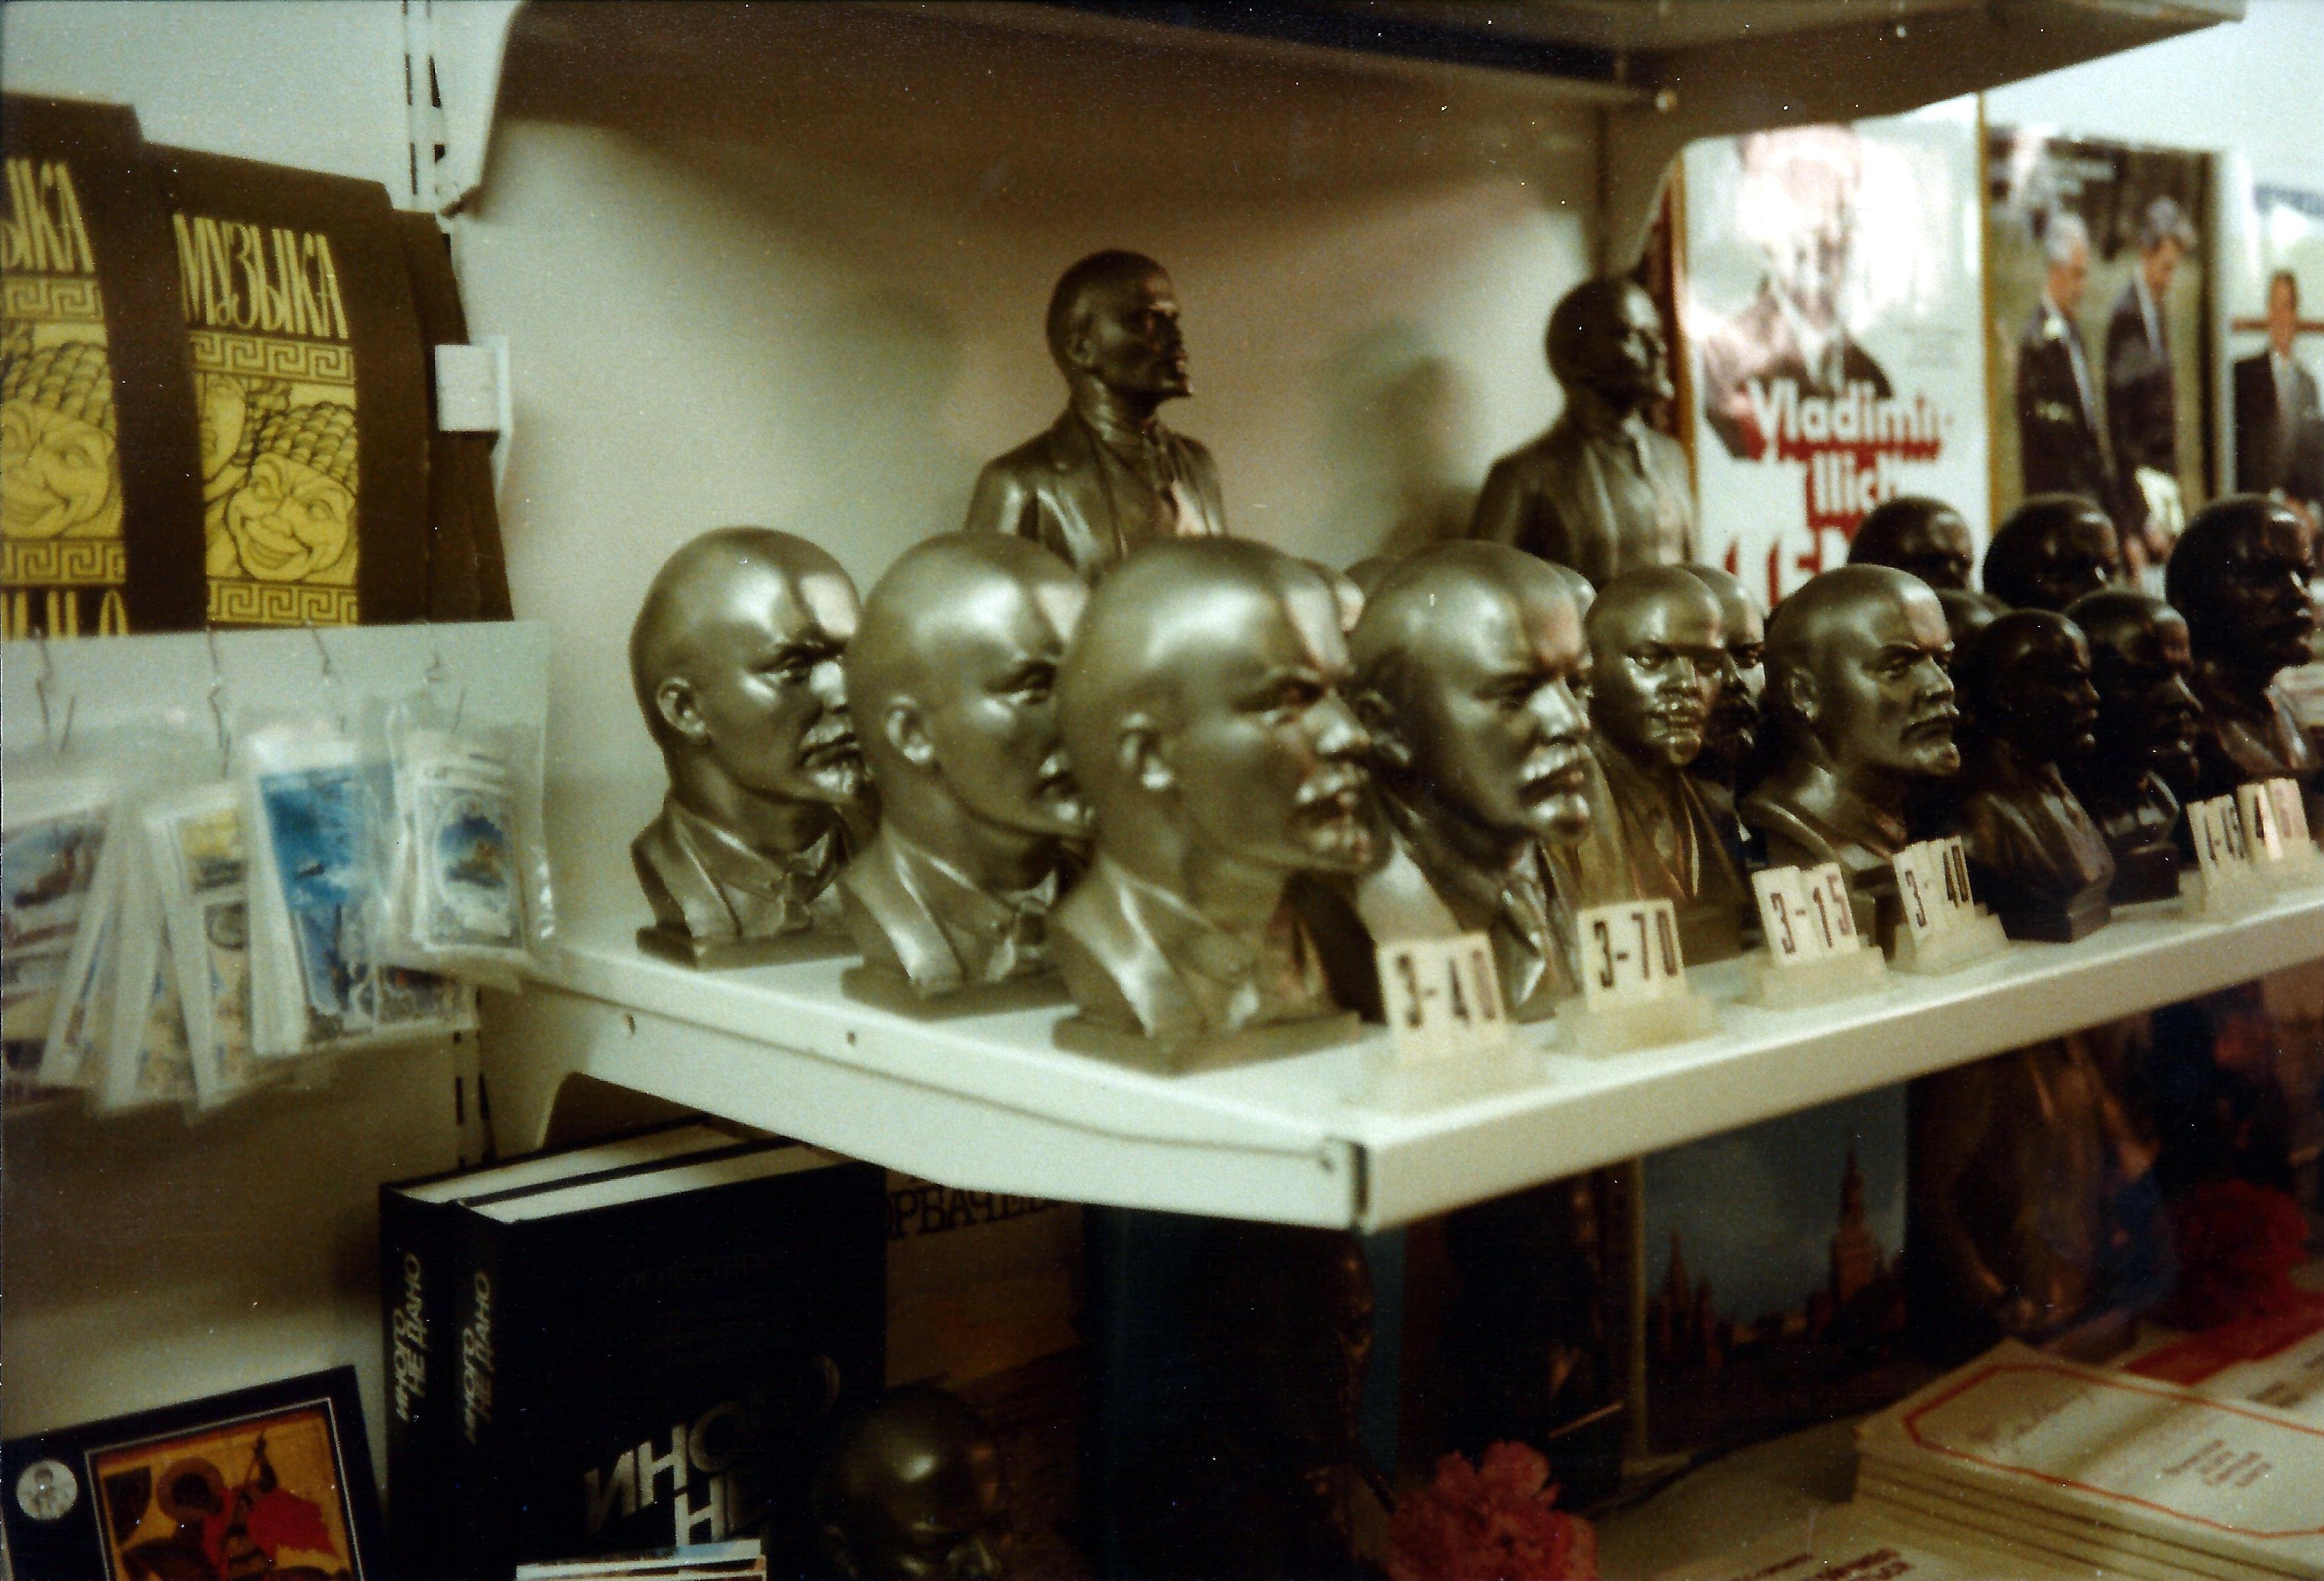 Статуи Ленина для продажи в сувенирном магазине в Москве апрель 1989 года